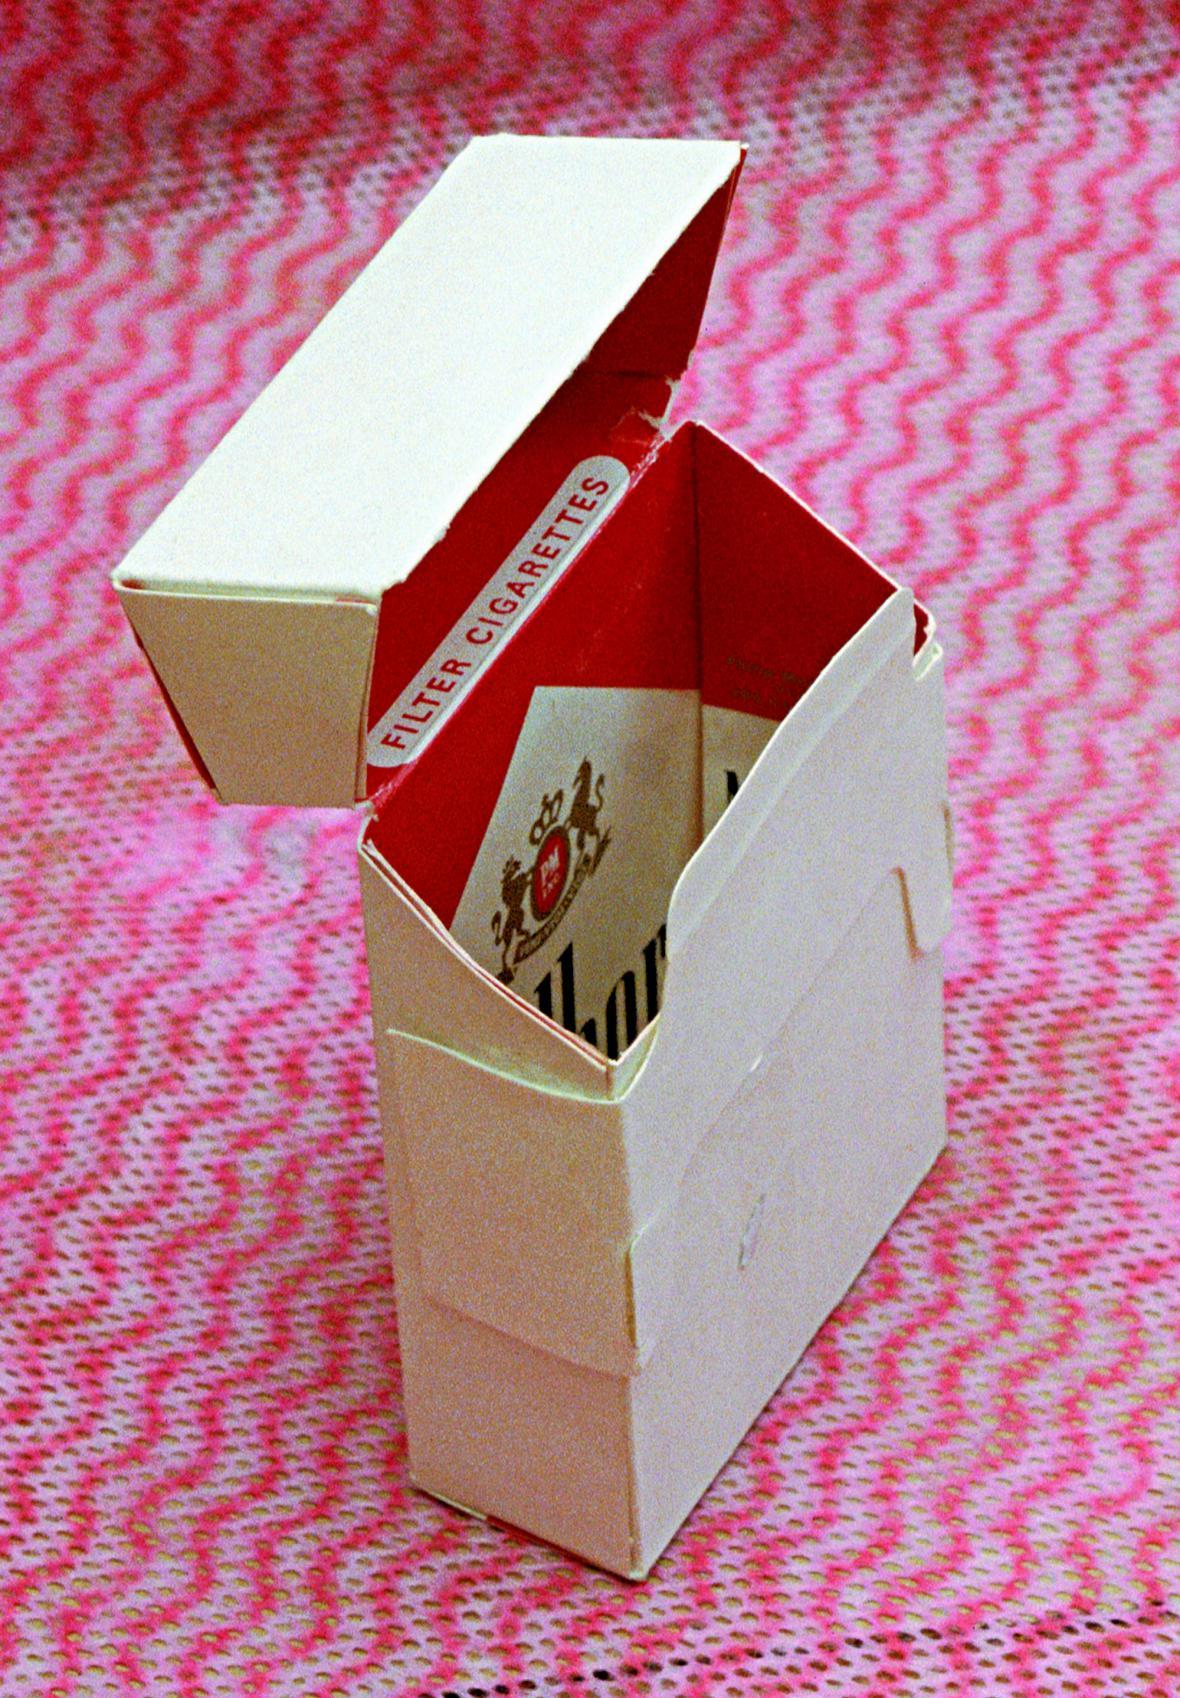 Ján Mančuška / Krabička od cigaret Marlboro (z instalace Osvobozená domácnost), 2000-01